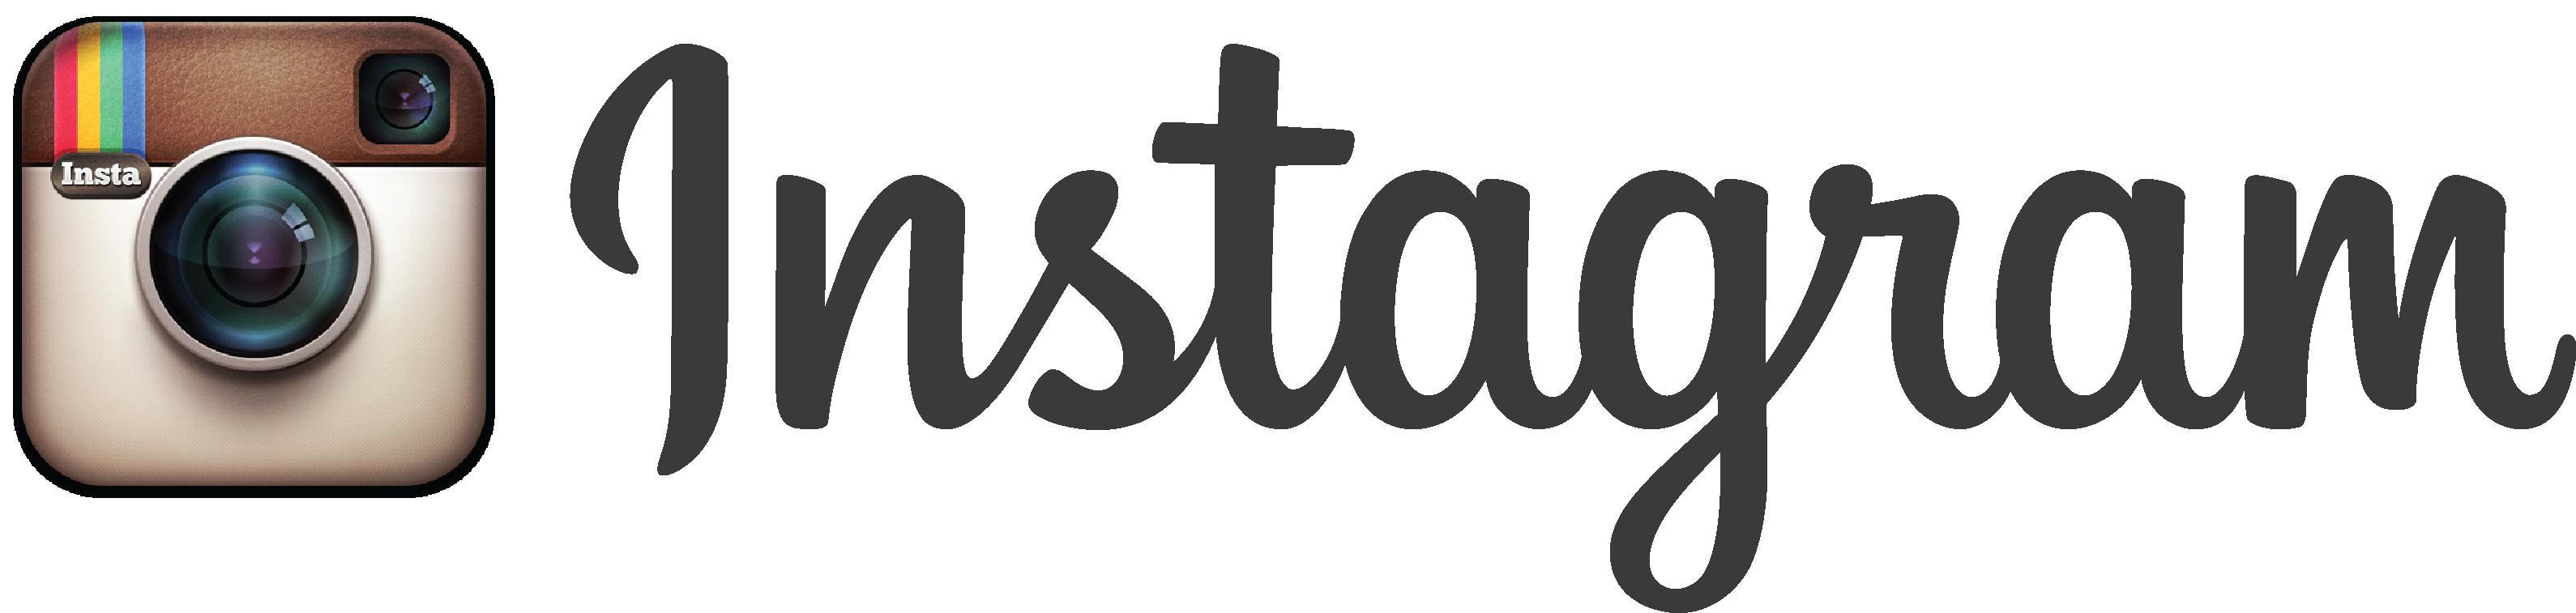 תוצאת תמונה עבור instagram logo png